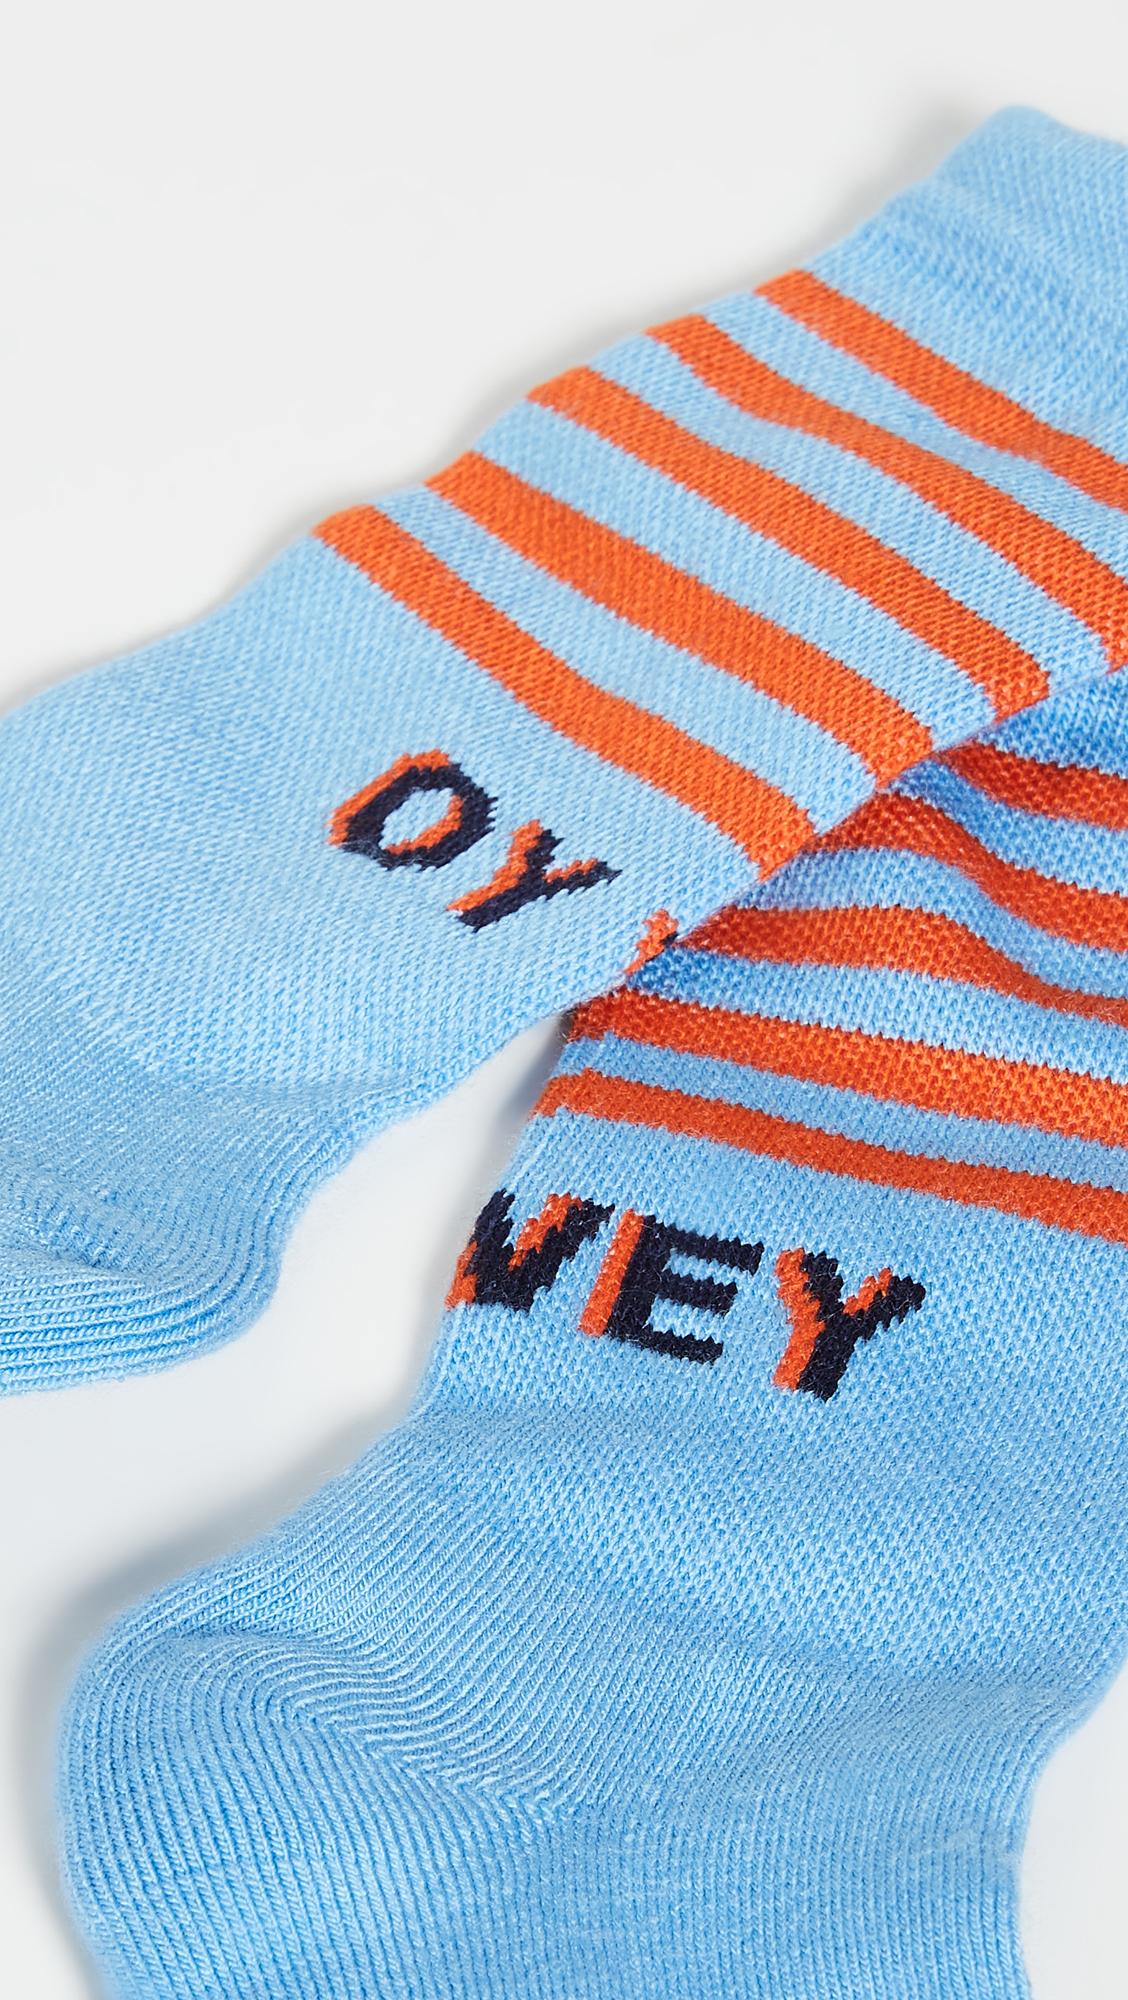 KULE The Oy Vey Socks